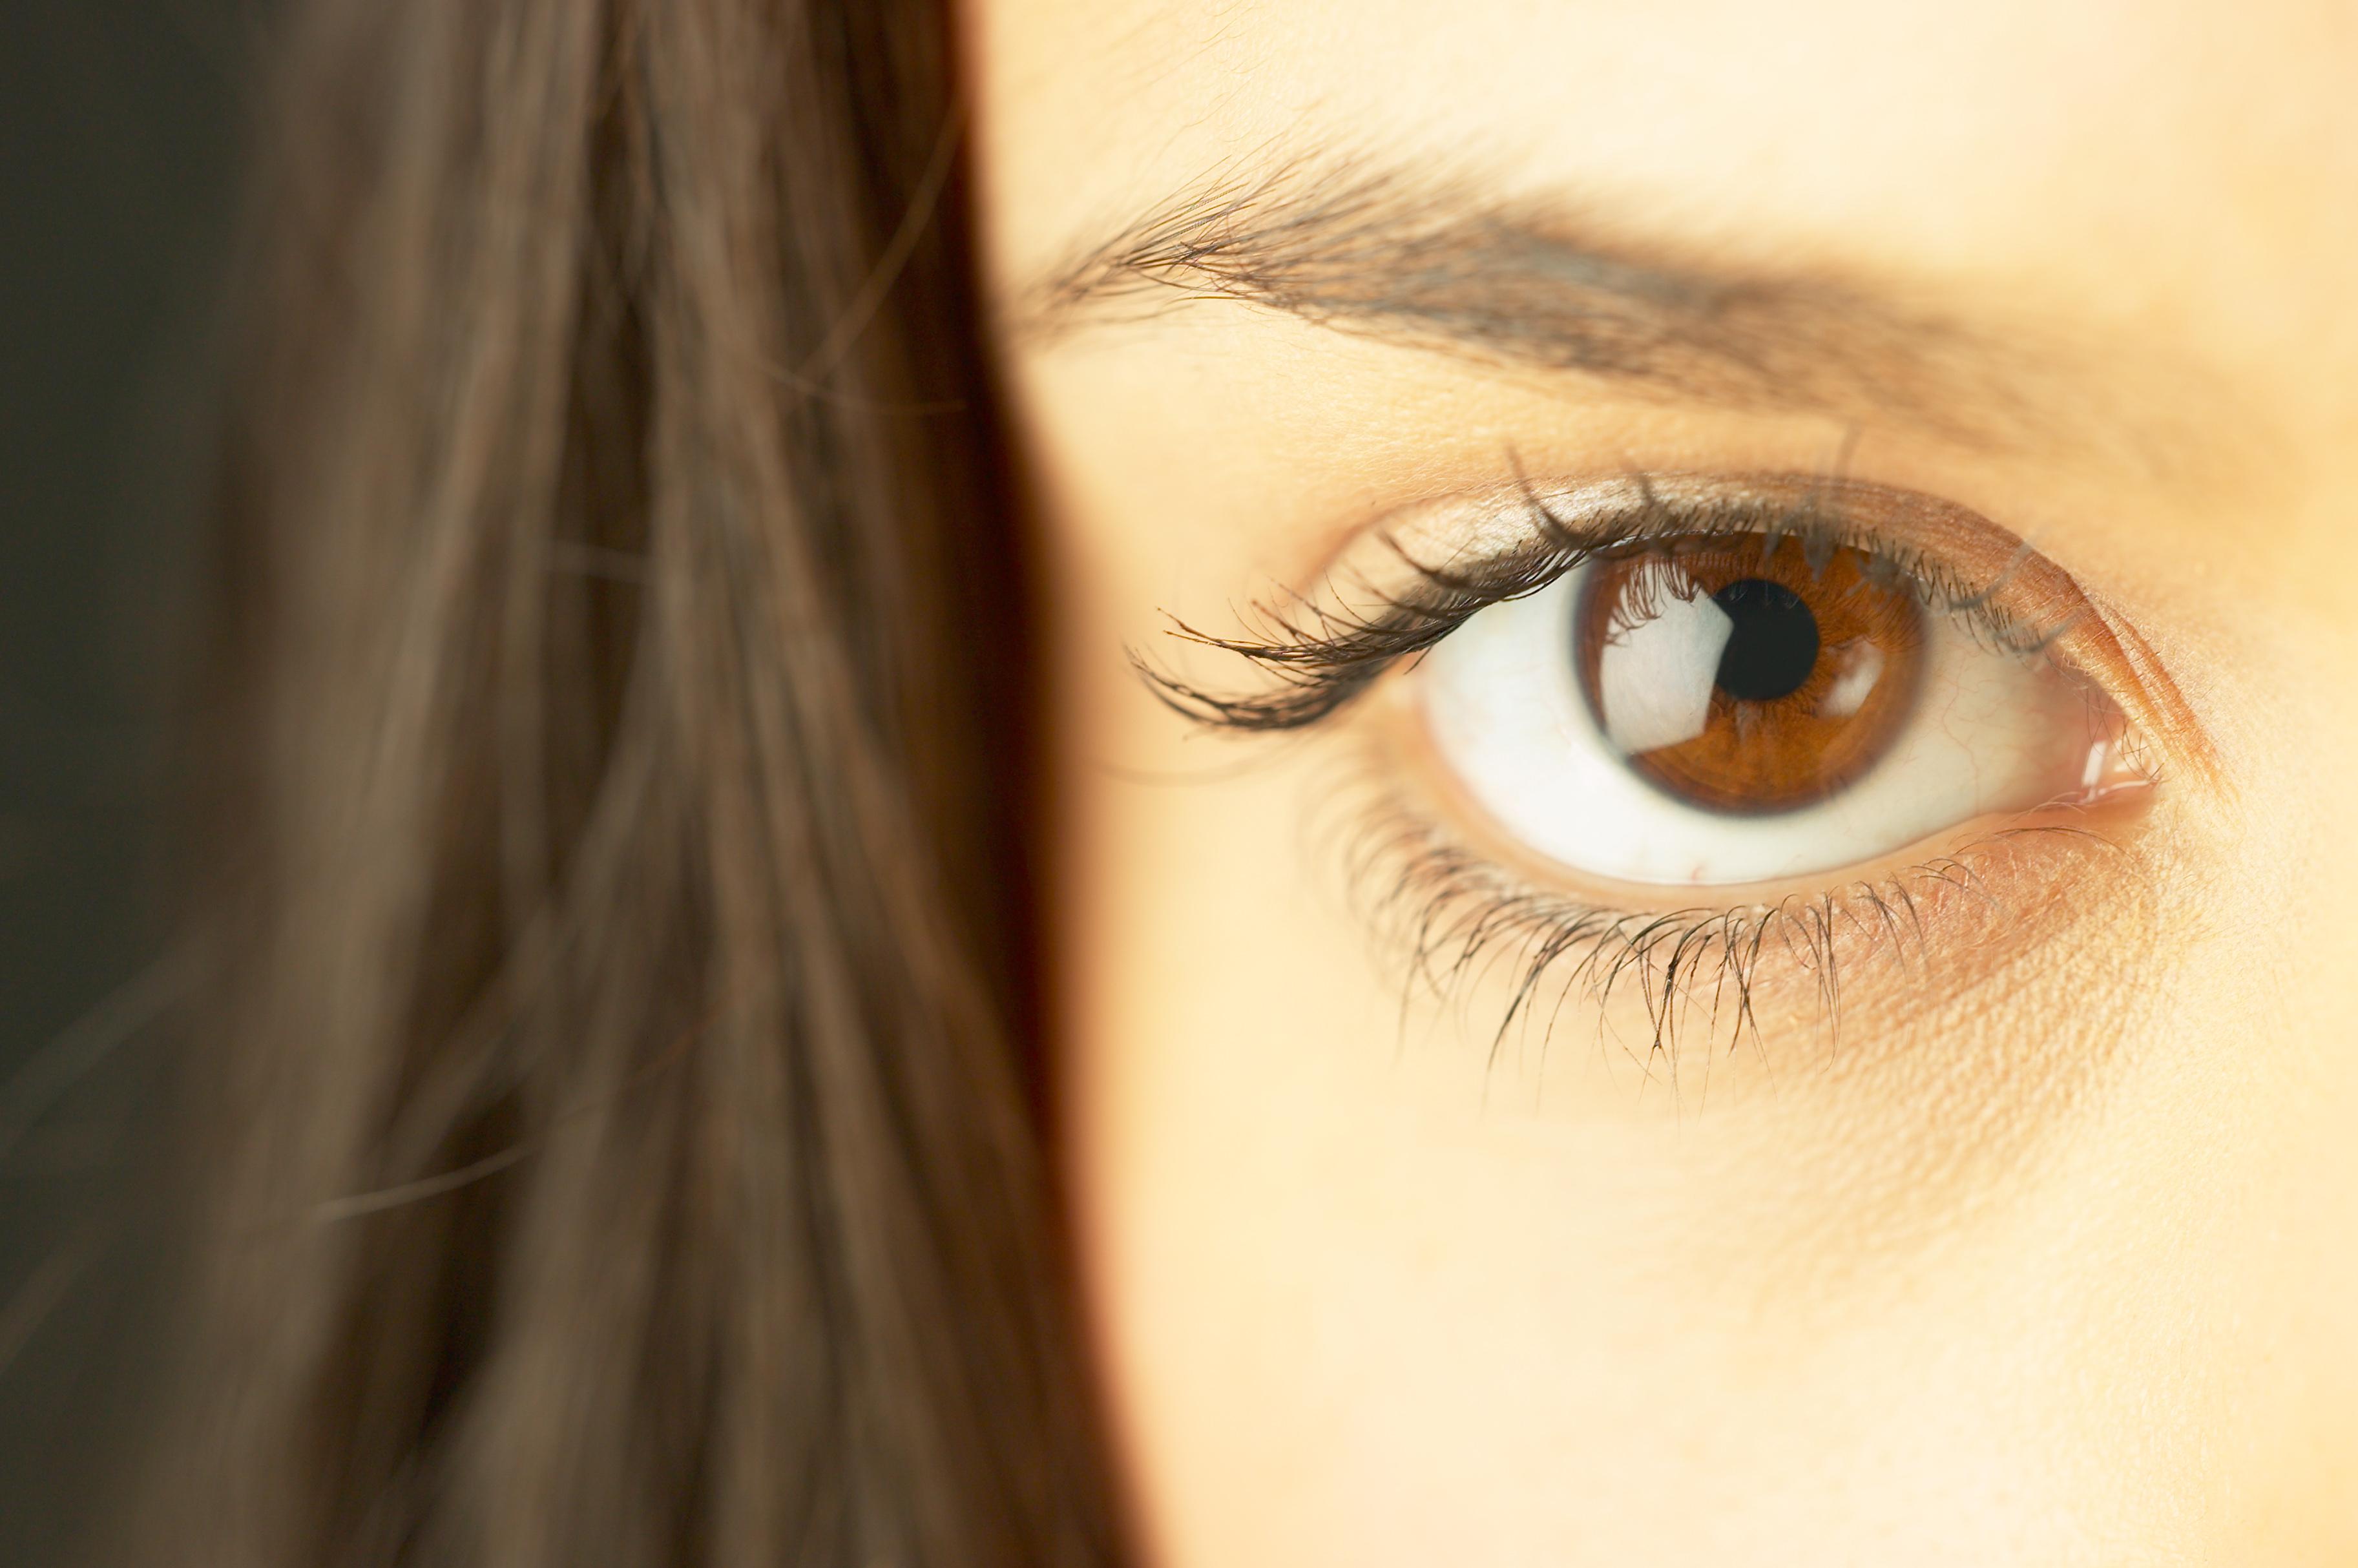 11079_eye_close_up.jpg